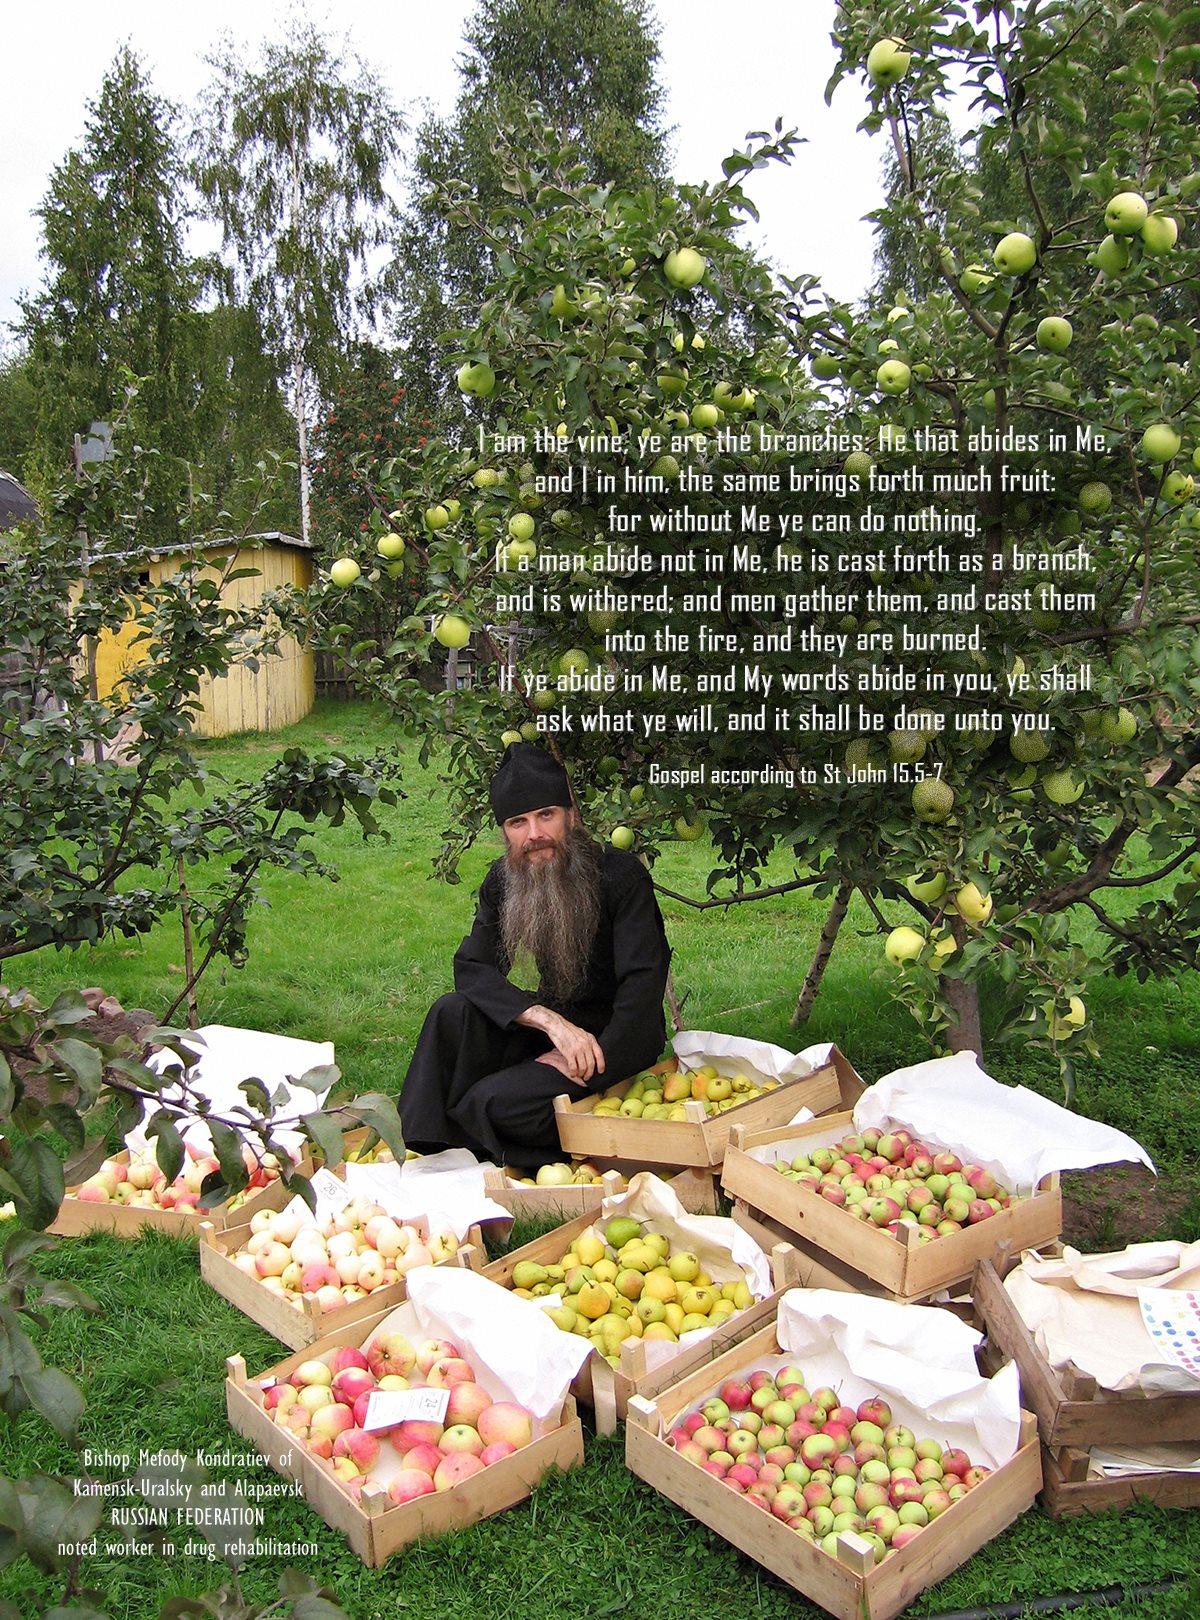 00 Bp Mefody Kondratiev. Russia. apple tree. 21.05.15